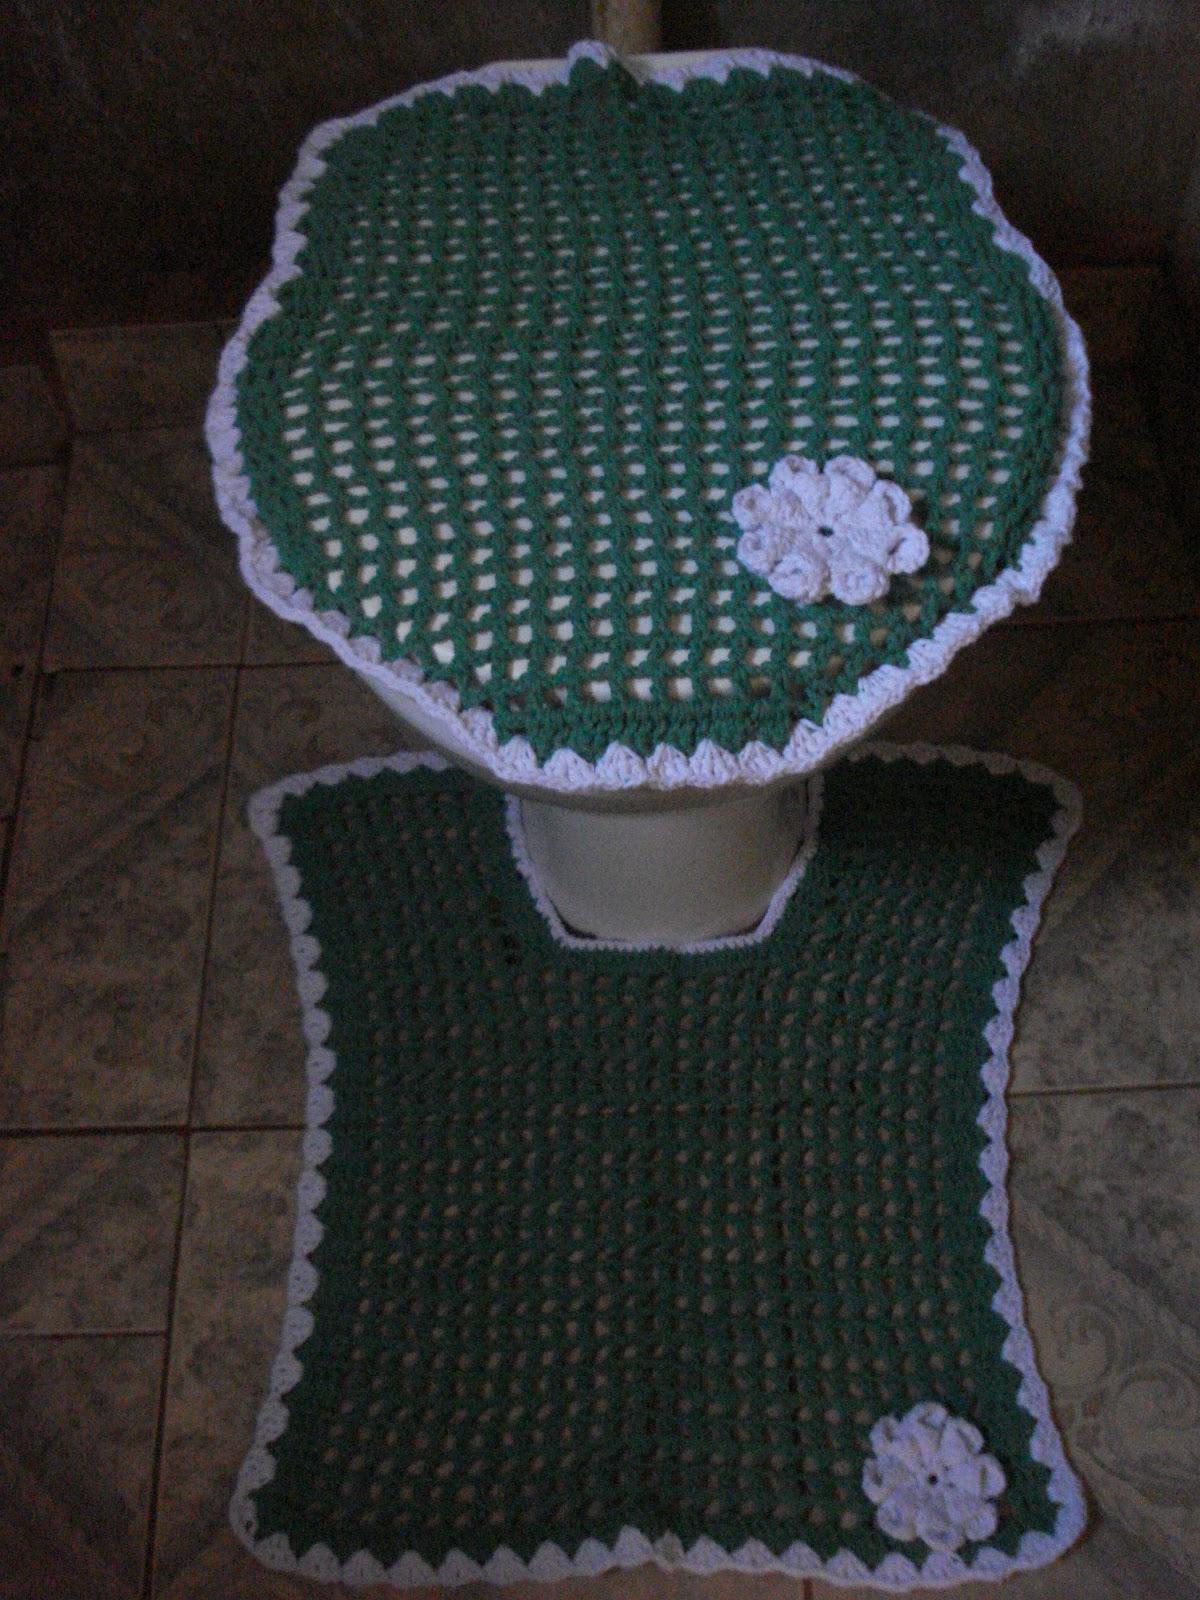 Jogo De Banheiro Verde E Branco : Onyra croche jogo de banheiro com flor d?lia